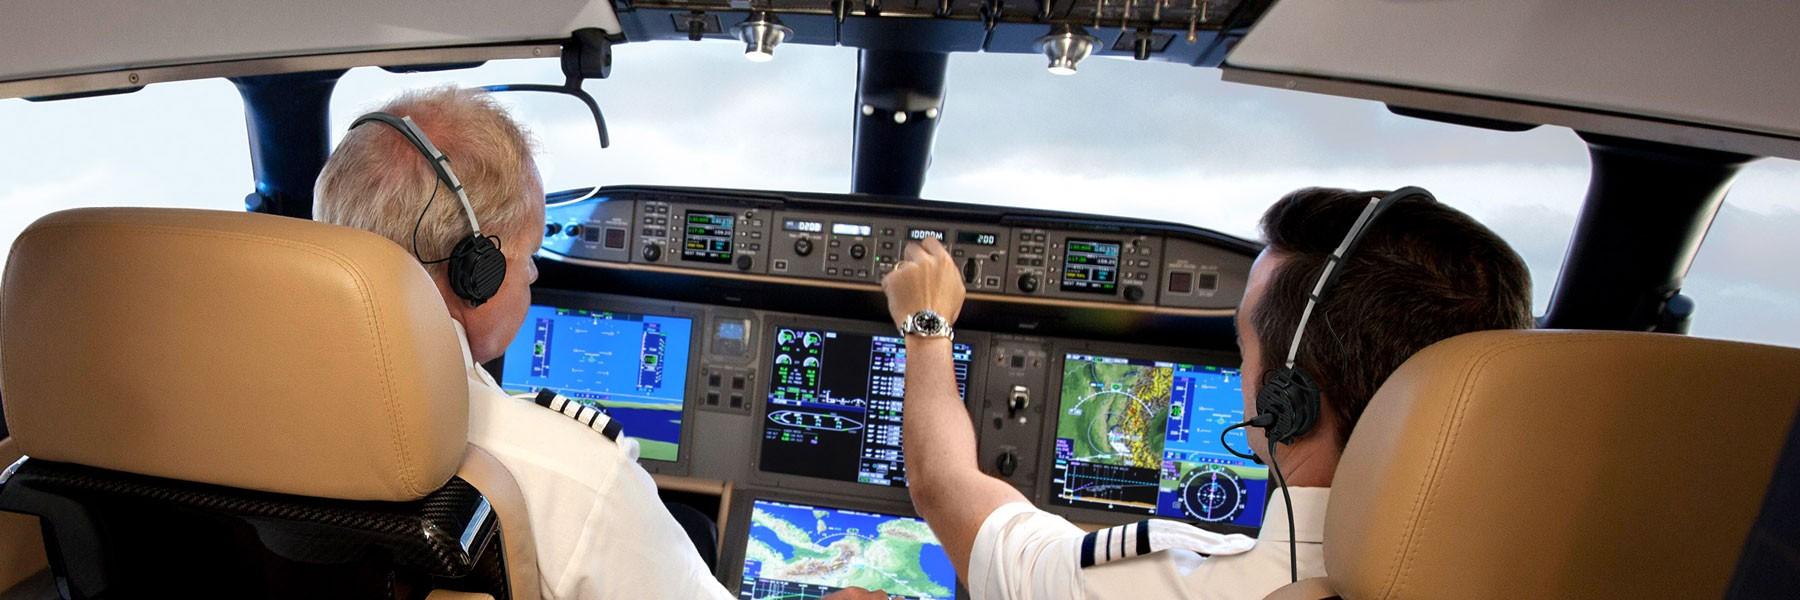 Global 7500 cockpit